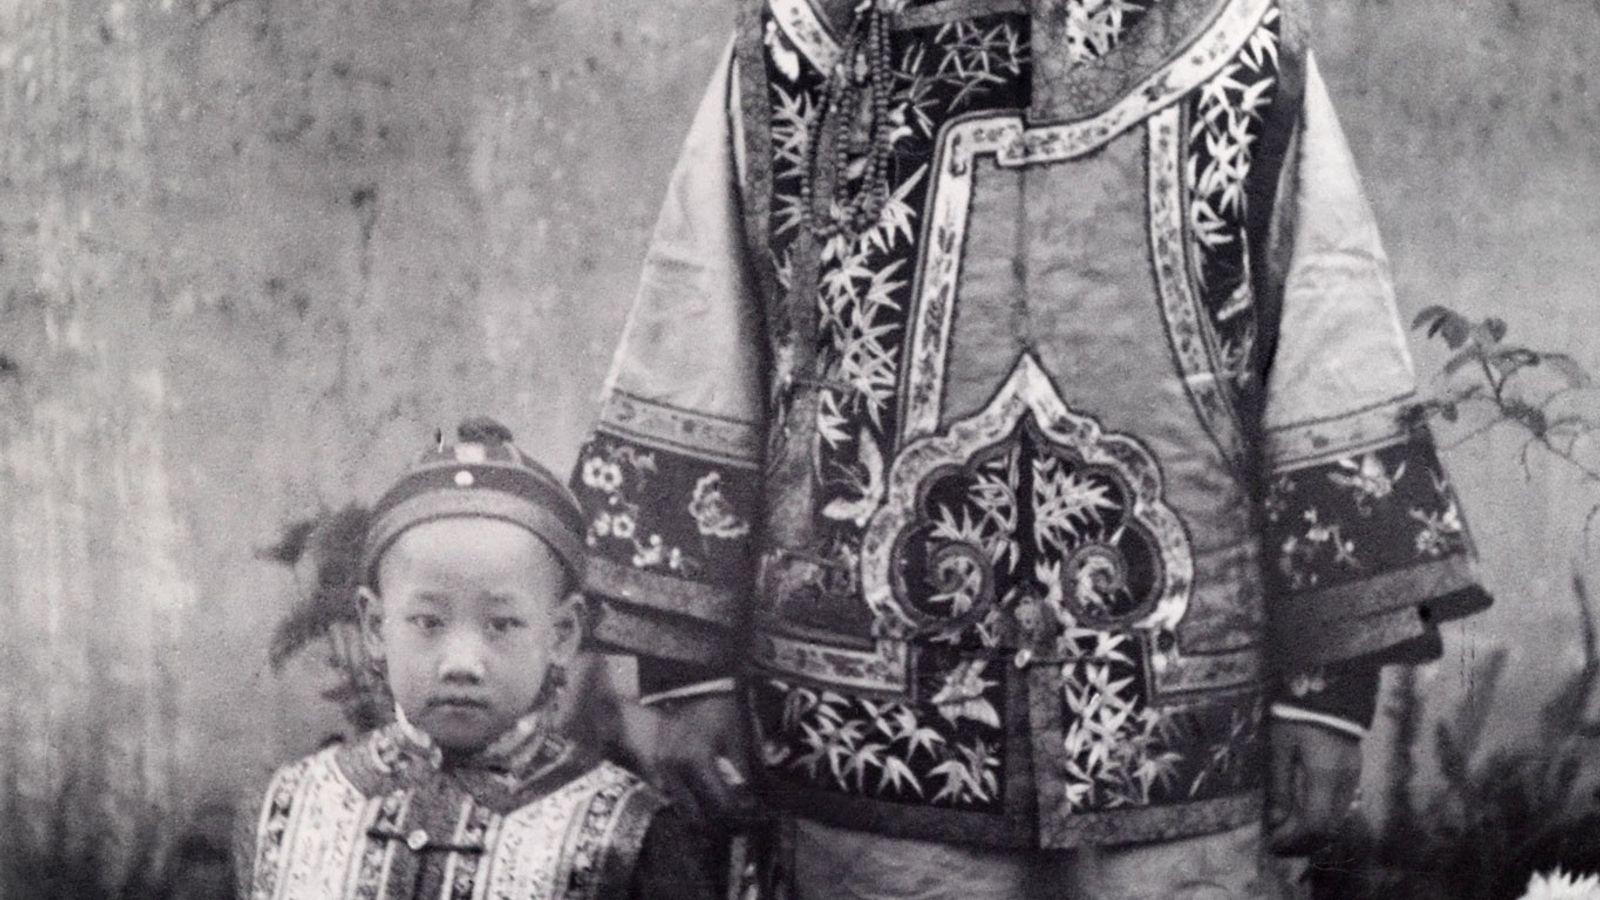 Eine chinesische Mutter und ihr Kind tragen die traditionelle Kleidung der Mandschurei, einer Region ganz im ...